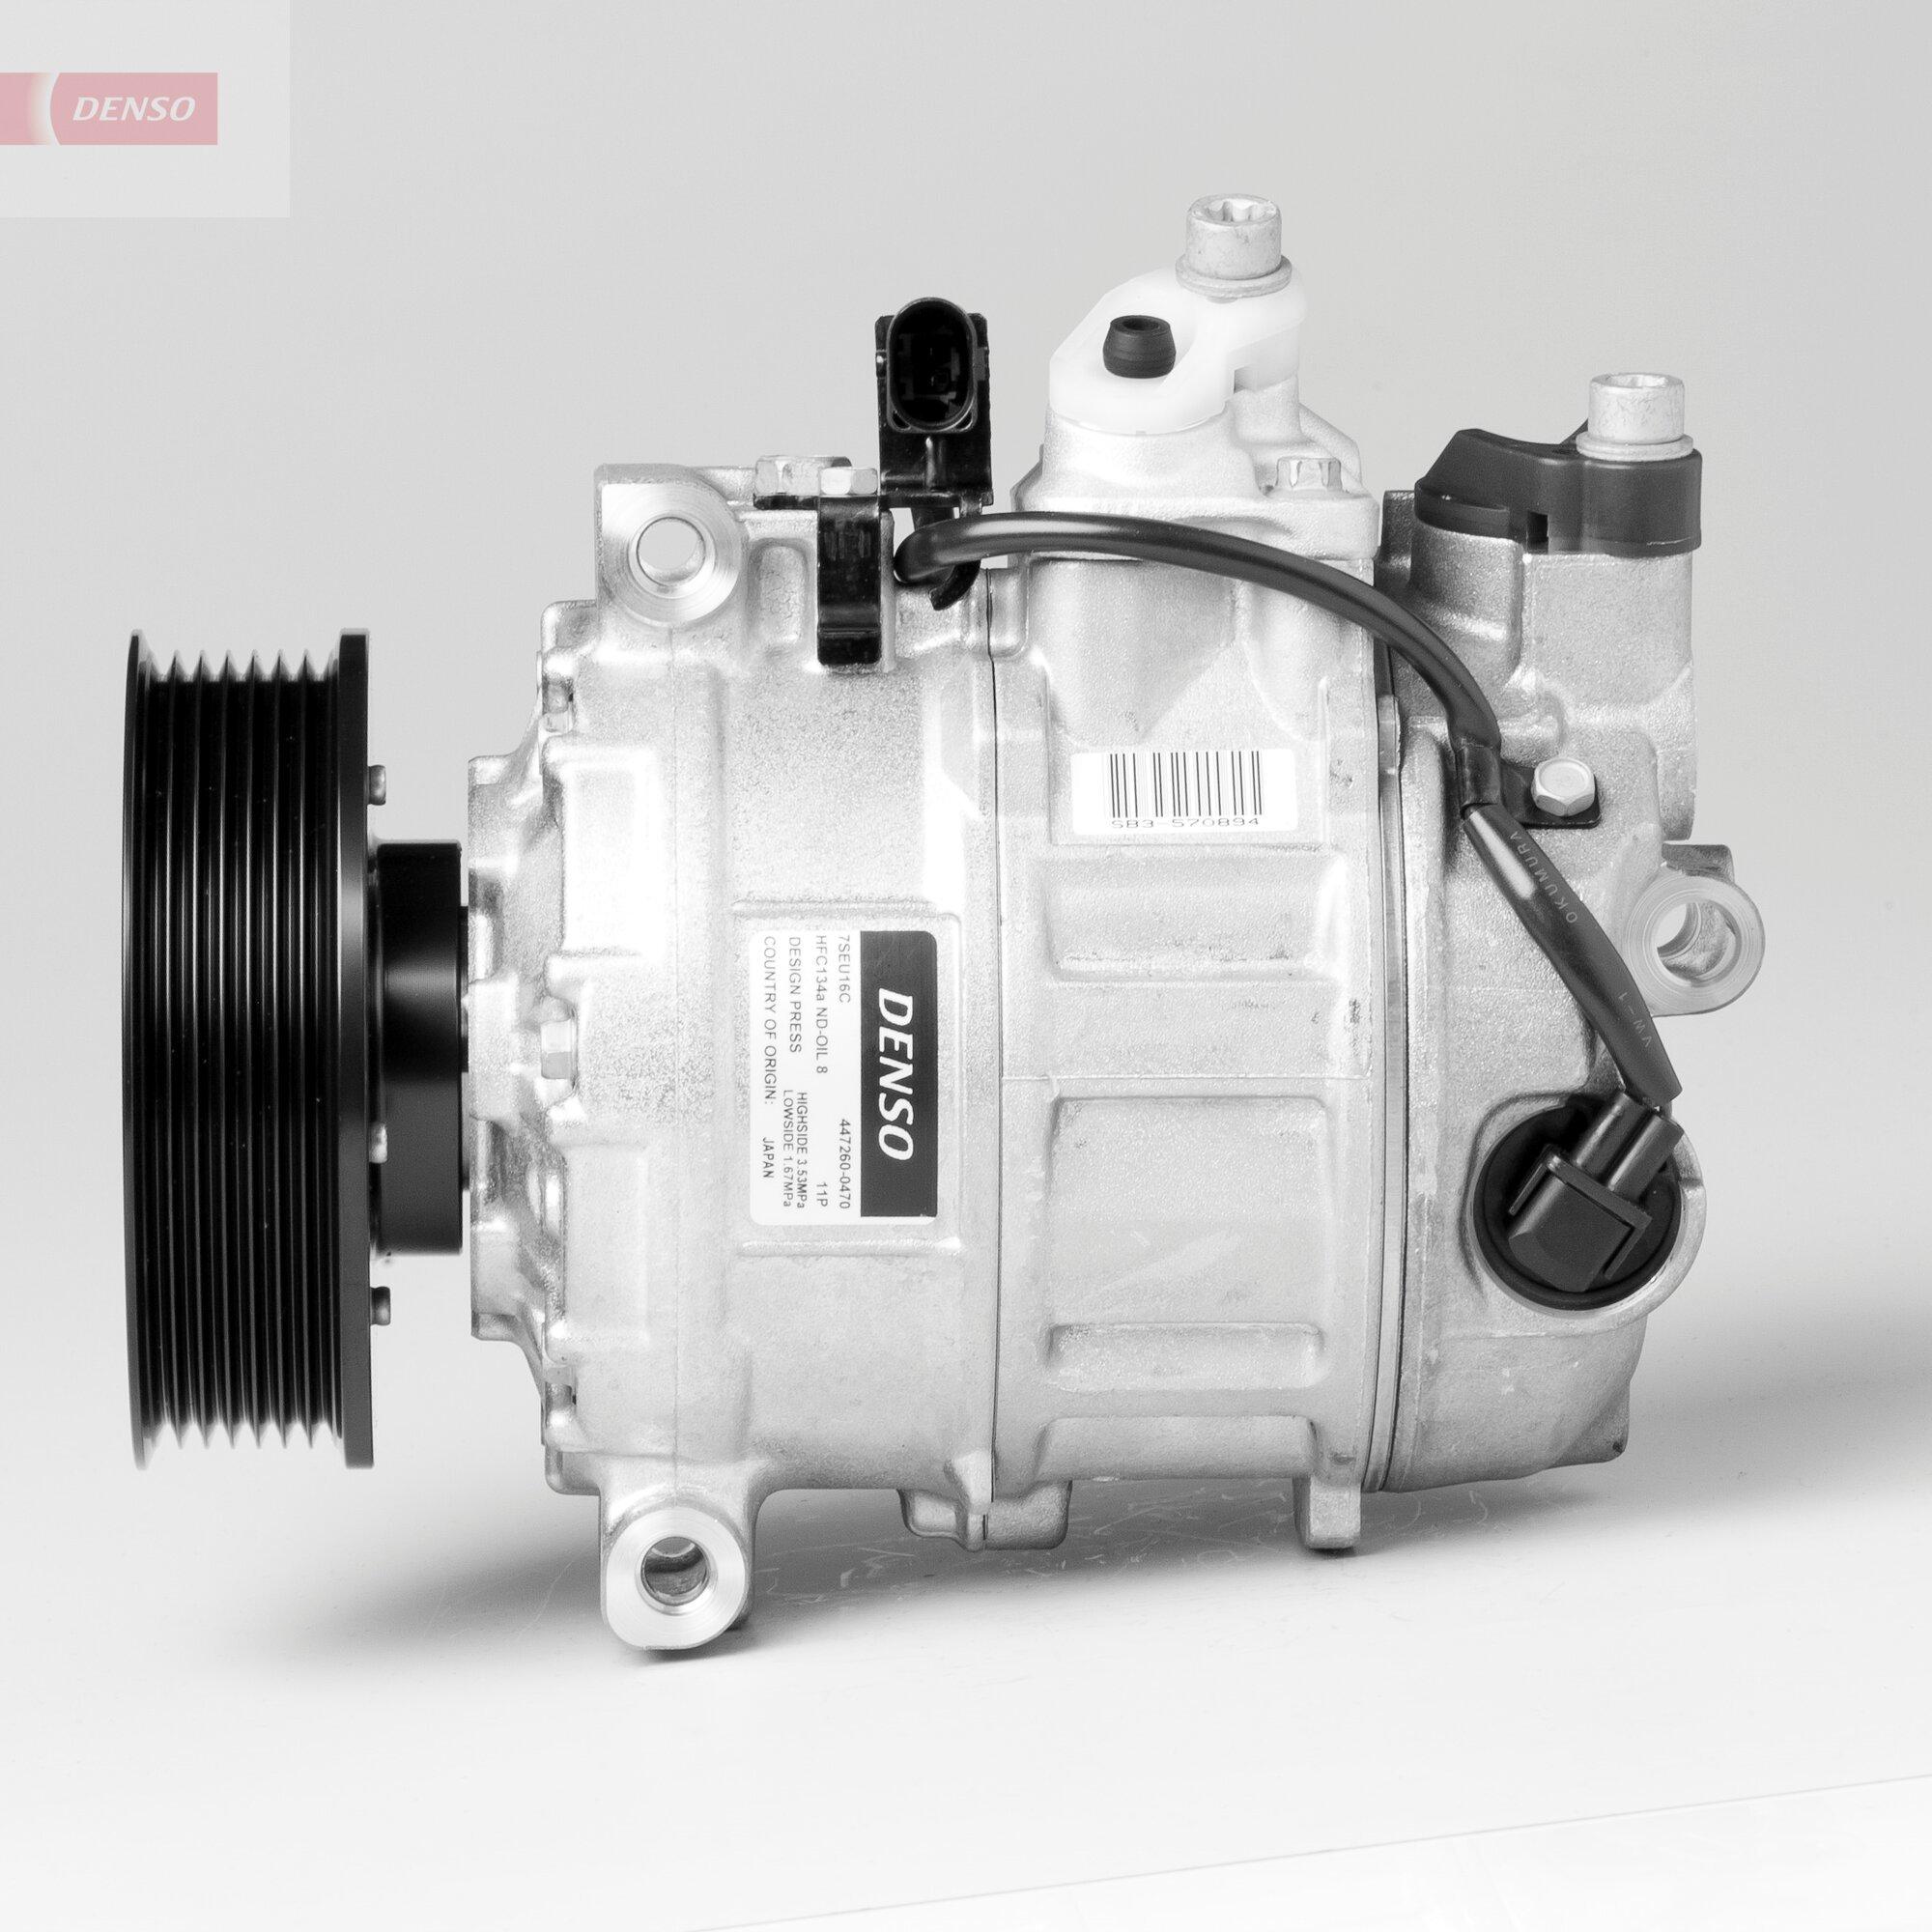 Kompressor, Klimaanlage DENSO DCP32052 Bild 1